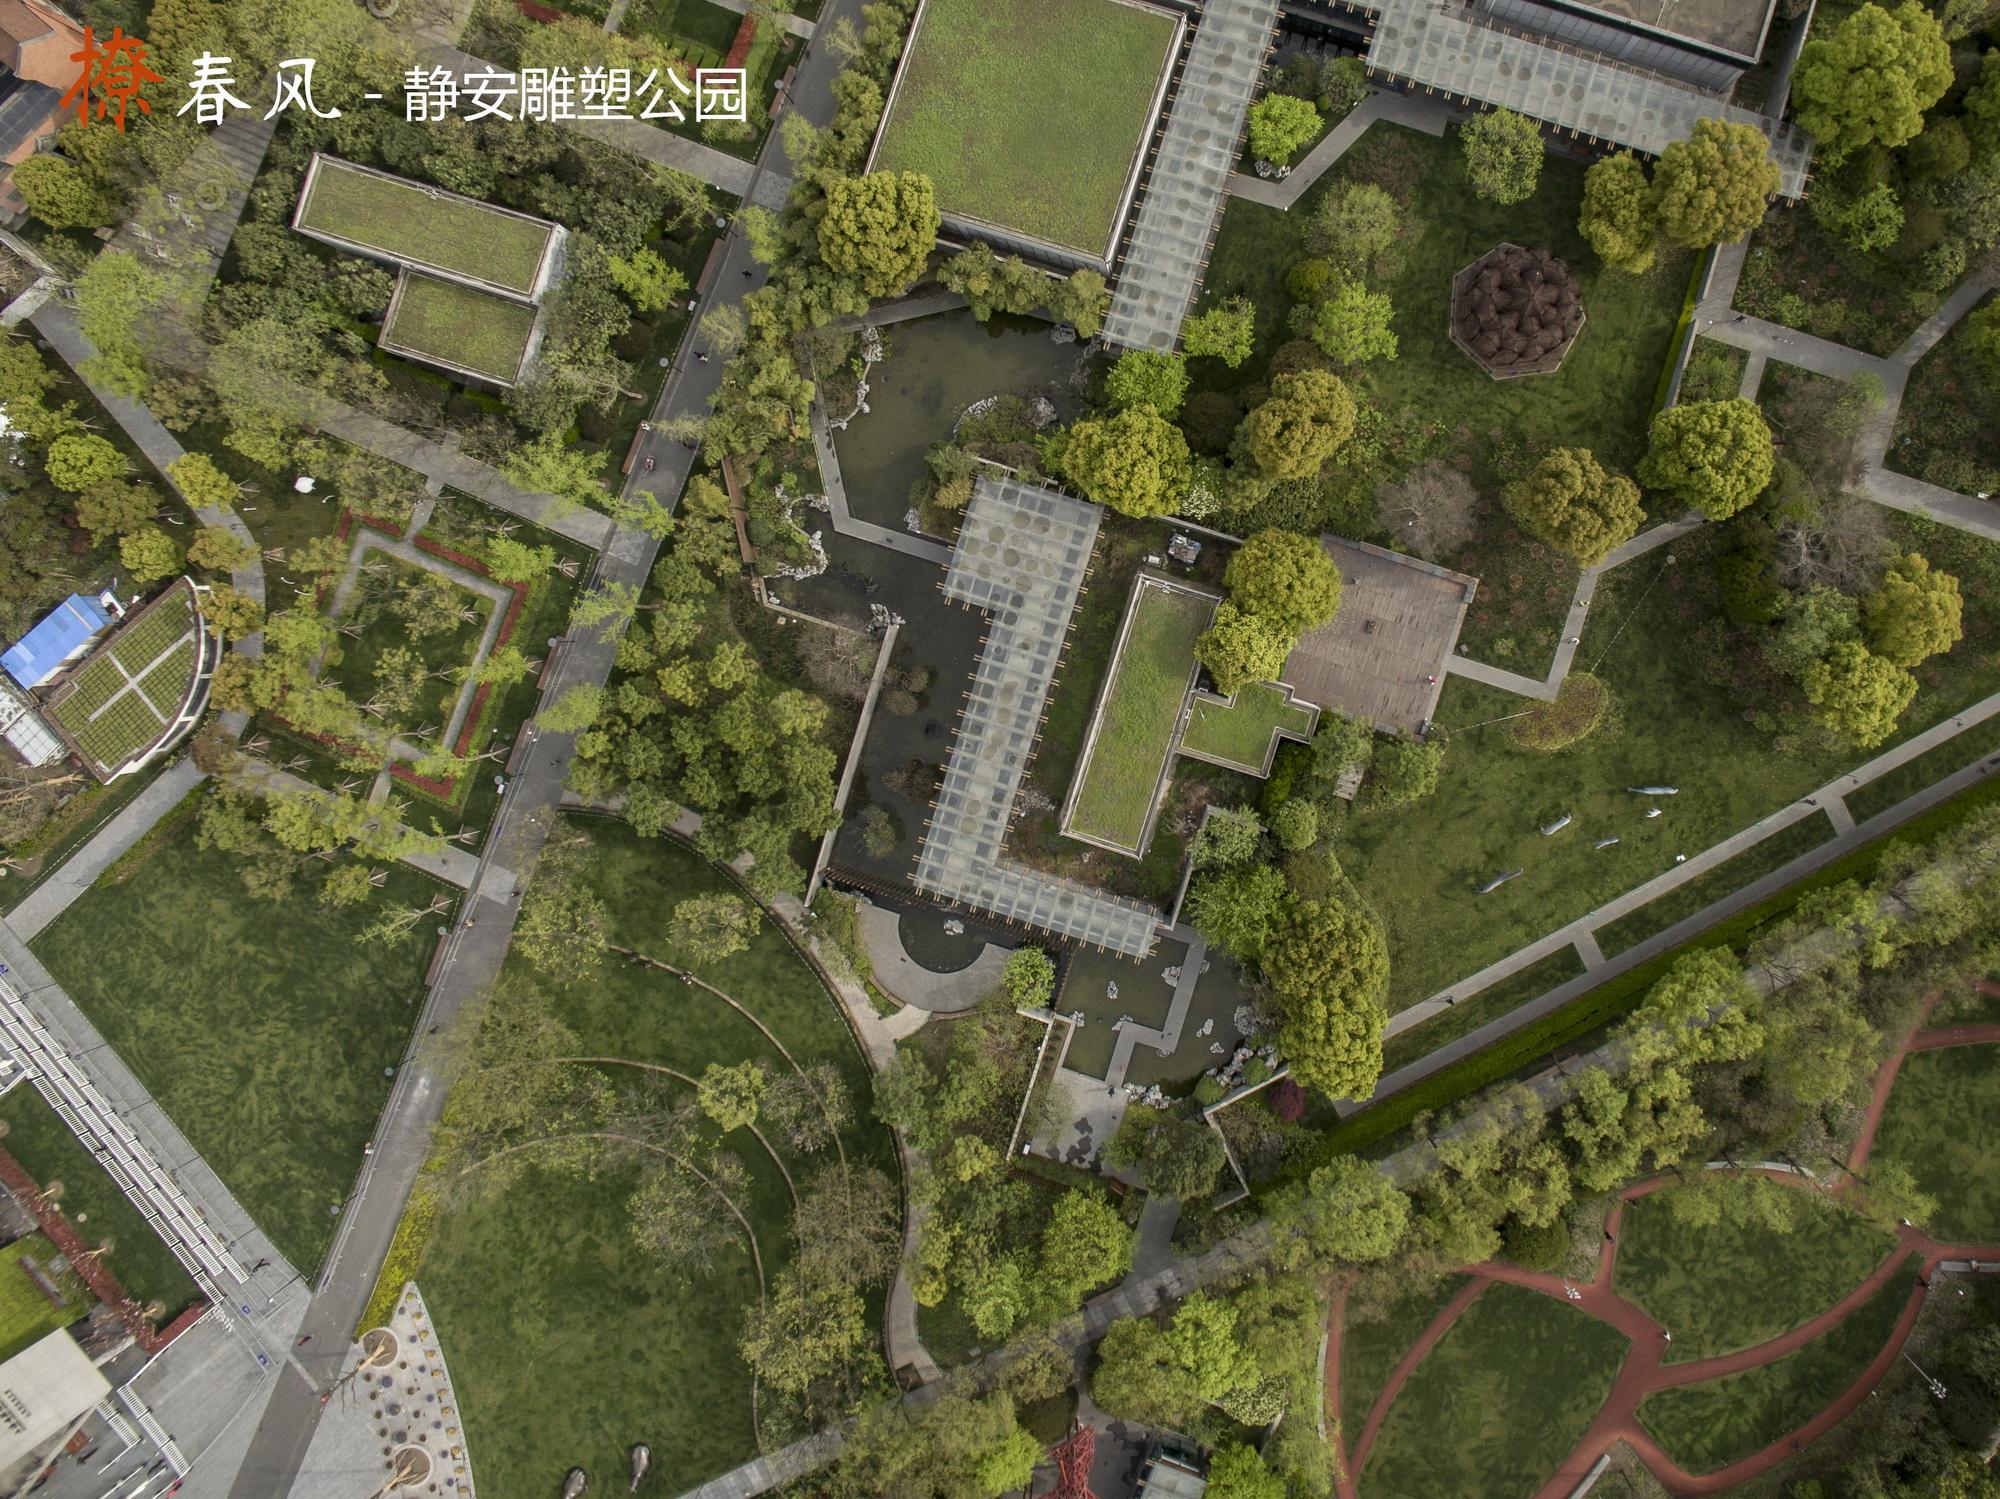 位于上海市中心城区静安区东部,是亚热带季风气候,基地东至成都北路